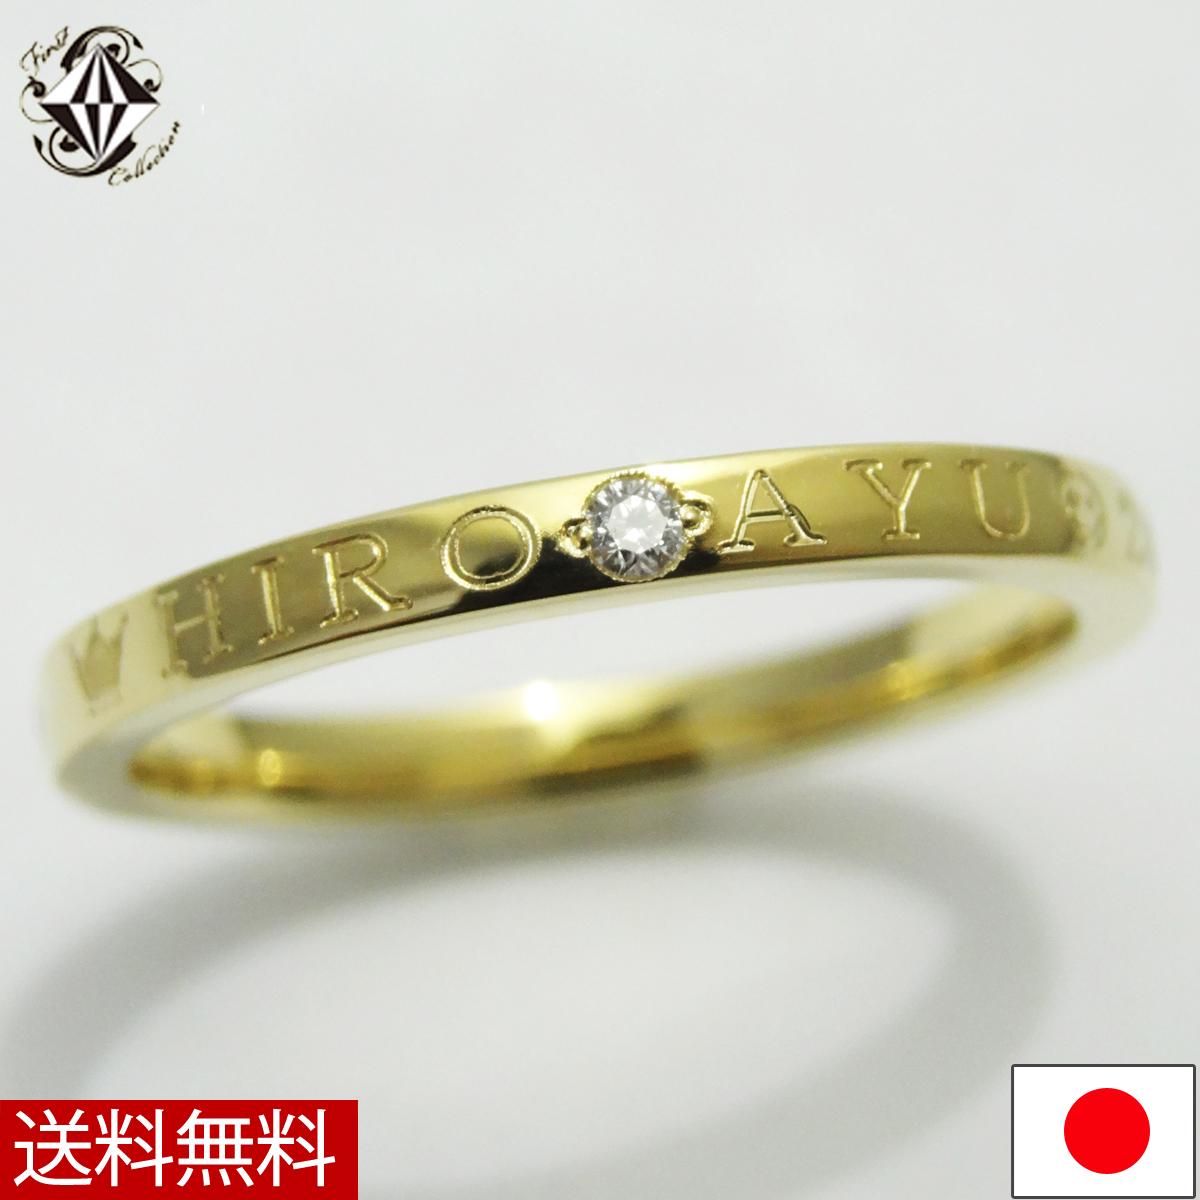 18金 K18 リング レディース 自由度の高さ 誕生石 2mm 指輪 シンプル ピンク ゴールド イエロー オーダー 受注生産 【楽ギフ_メッセ入力】